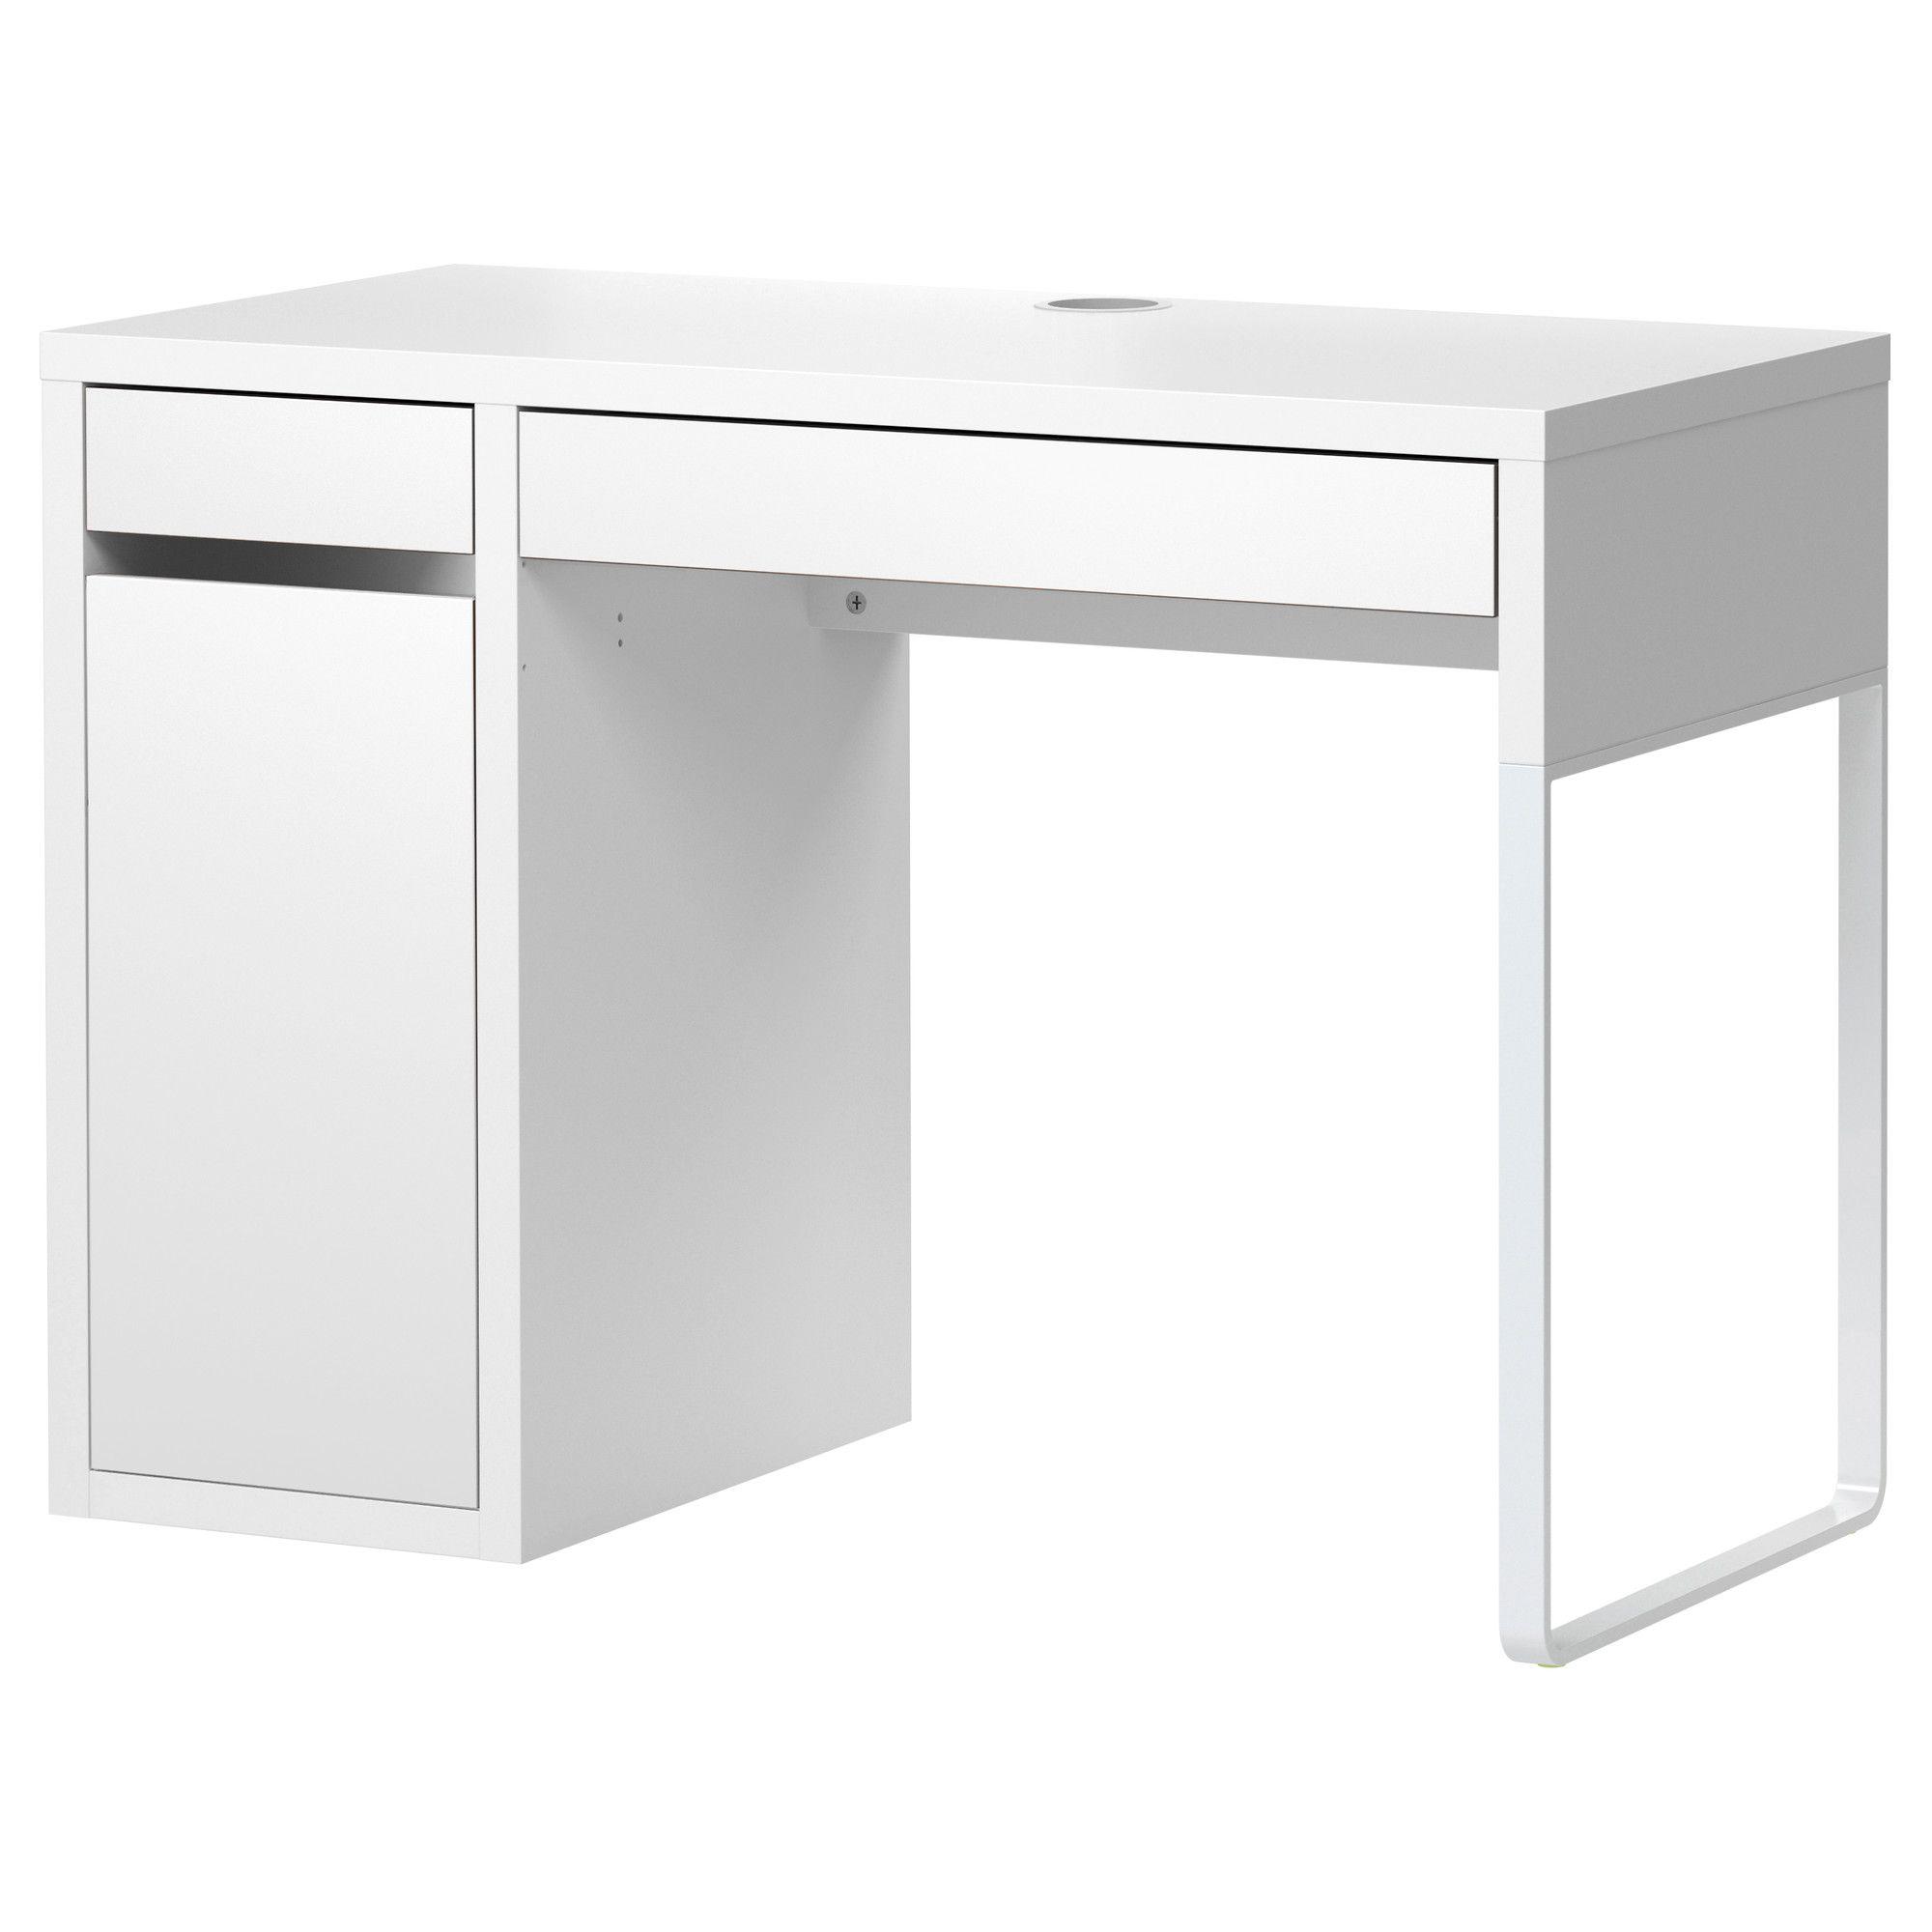 ikea office drawers. MICKE Desk - Black-brown IKEA Ikea Office Drawers X